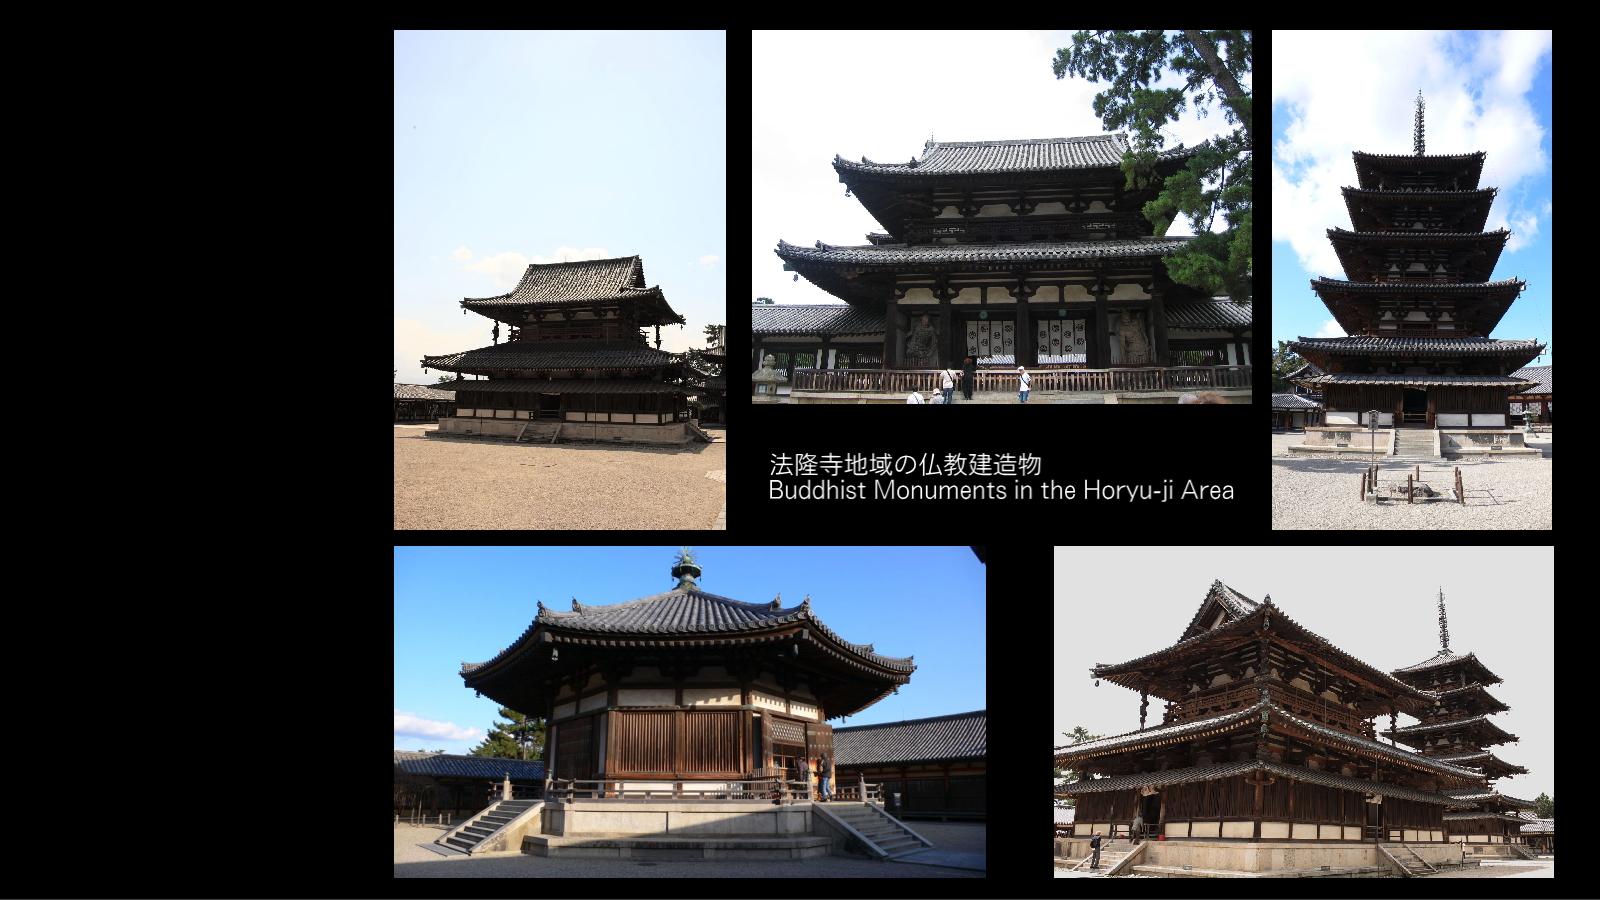 法隆寺地域の仏教建造物の画像 p1_22